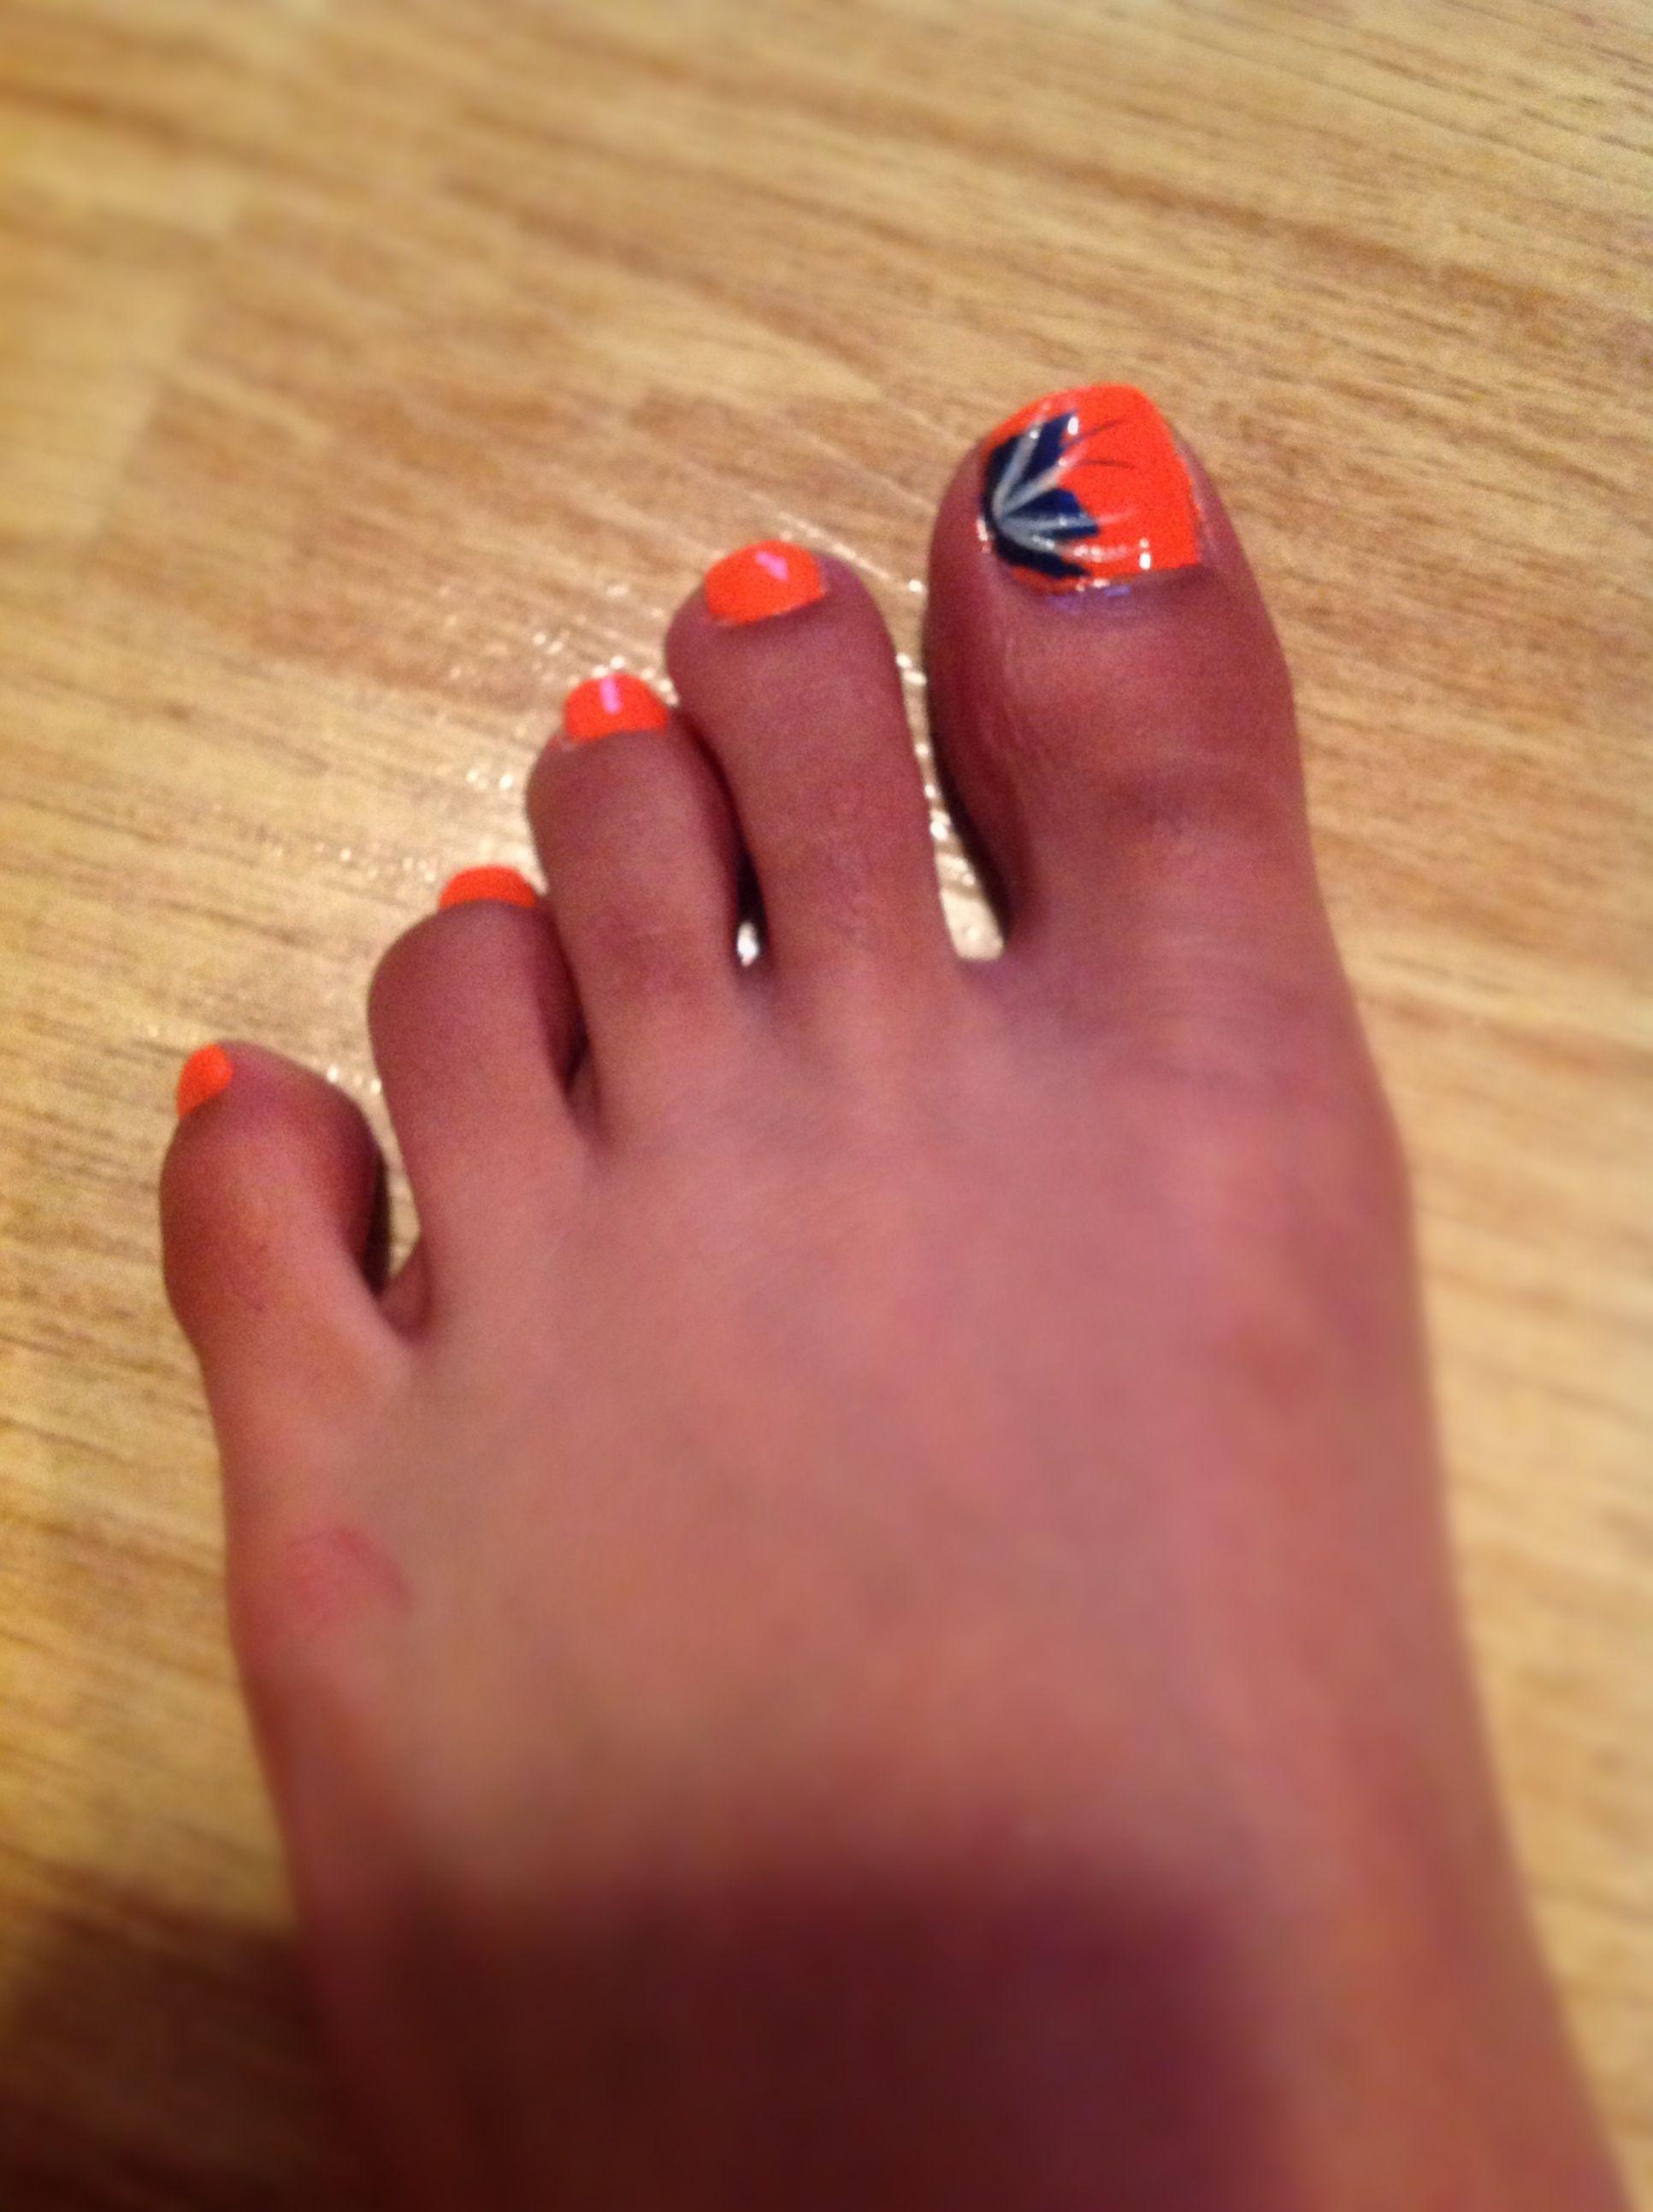 Pin By Karistyn Sheldon On Nail Art Inspiration Nail Art Inspiration Toe Nails Nail Designs